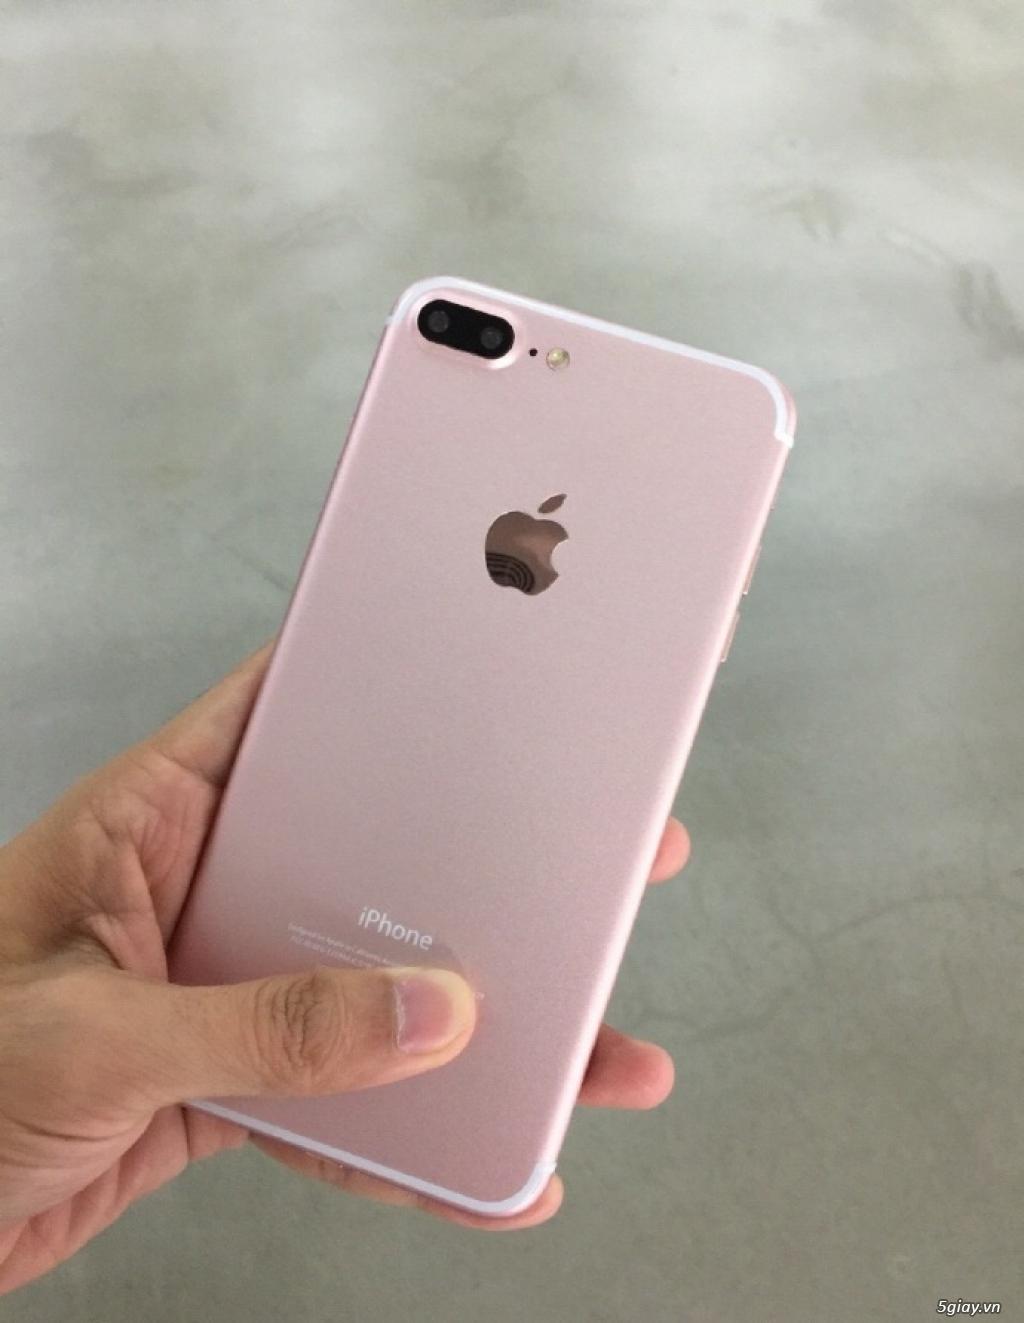 Xả hàng, siêu giám giá khủng các dòng iphone 6s plus, samsung note 7, samsung Galaxy s7 edge - 2